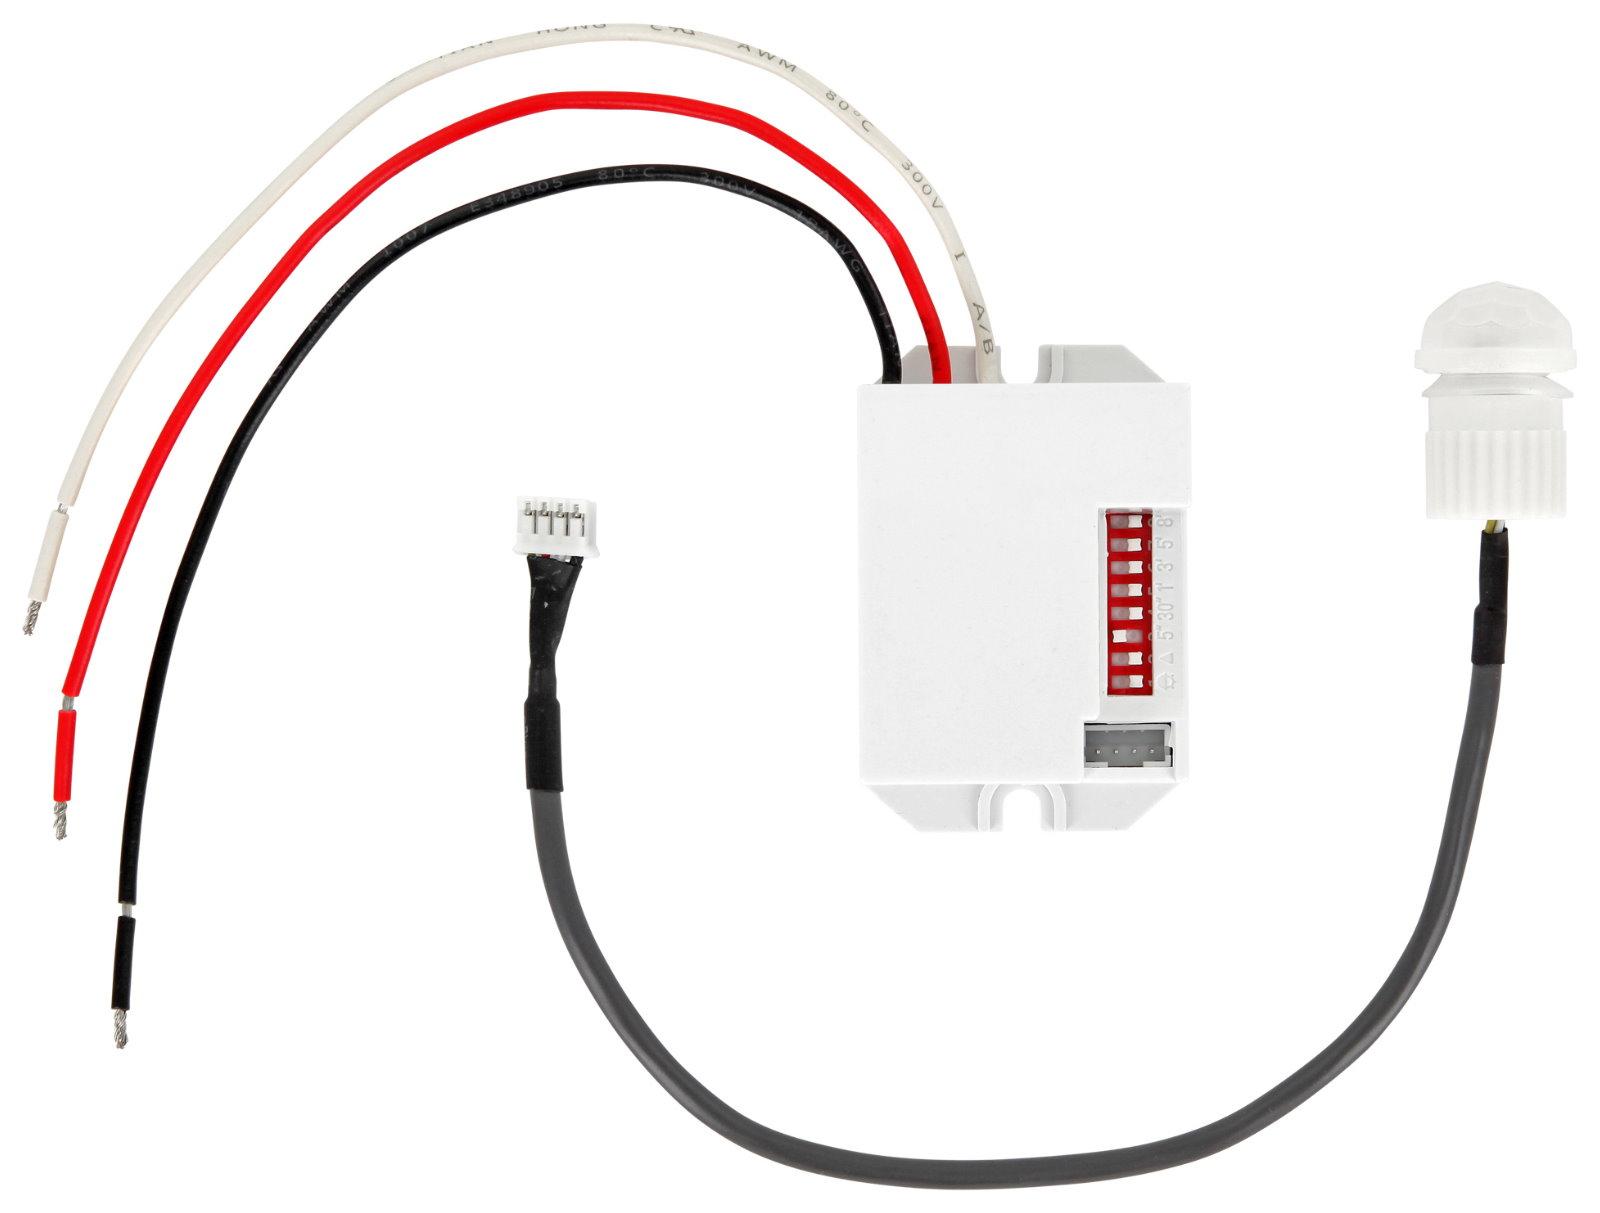 Einbau IR Mini Bewegungsmelder 230V - LED geeignet - OR-CR-211